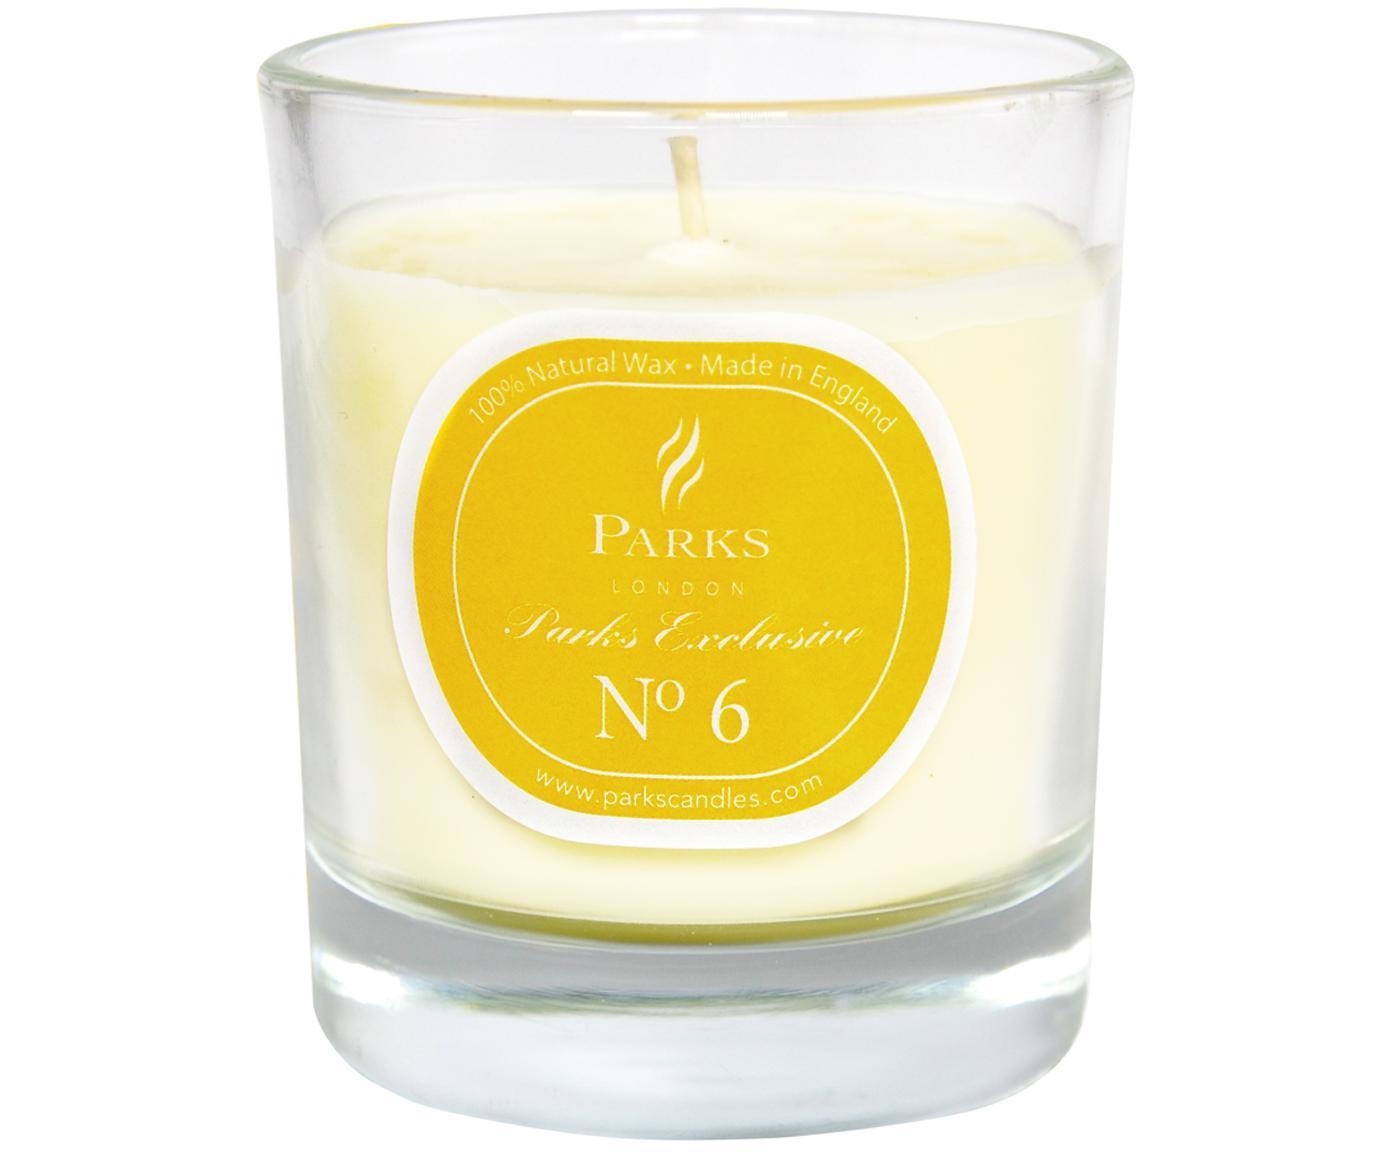 Duftkerze Exclusive No 6 (Limette & Zitrone), Behälter: Milchglas, Orange, Weiß, Ø 8 x H 9 cm